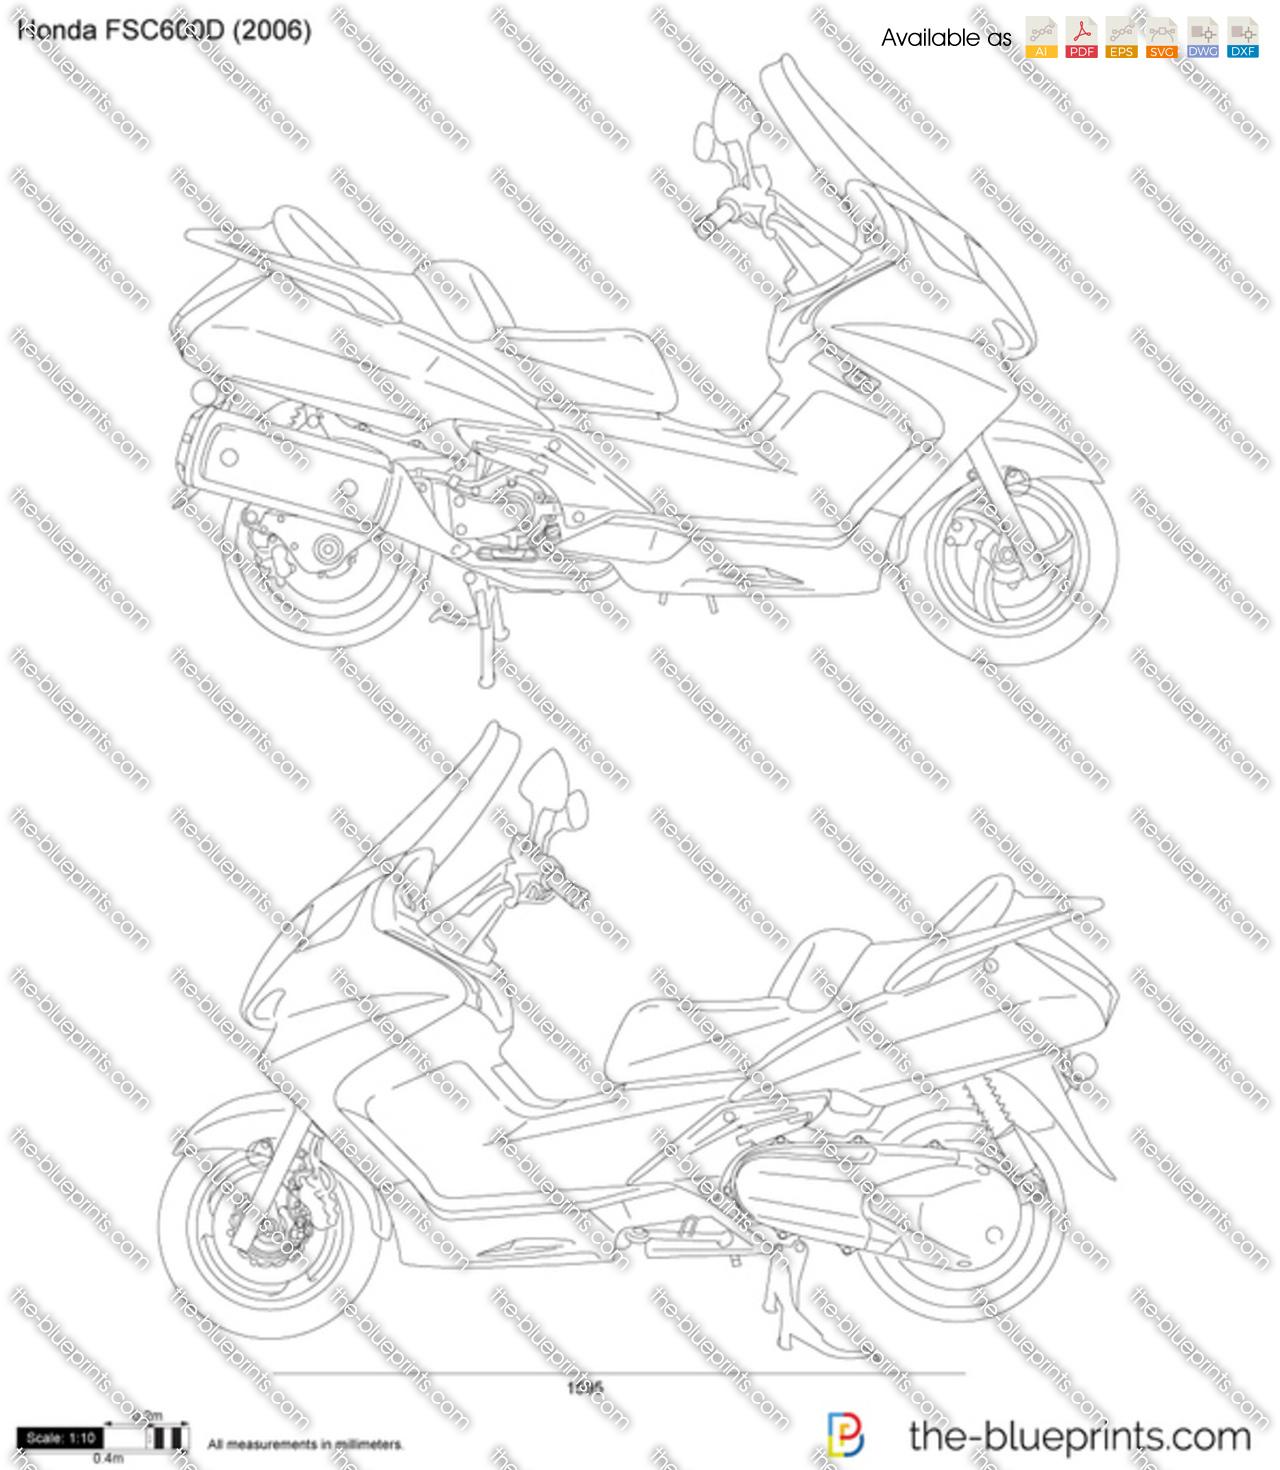 Honda FSC600D